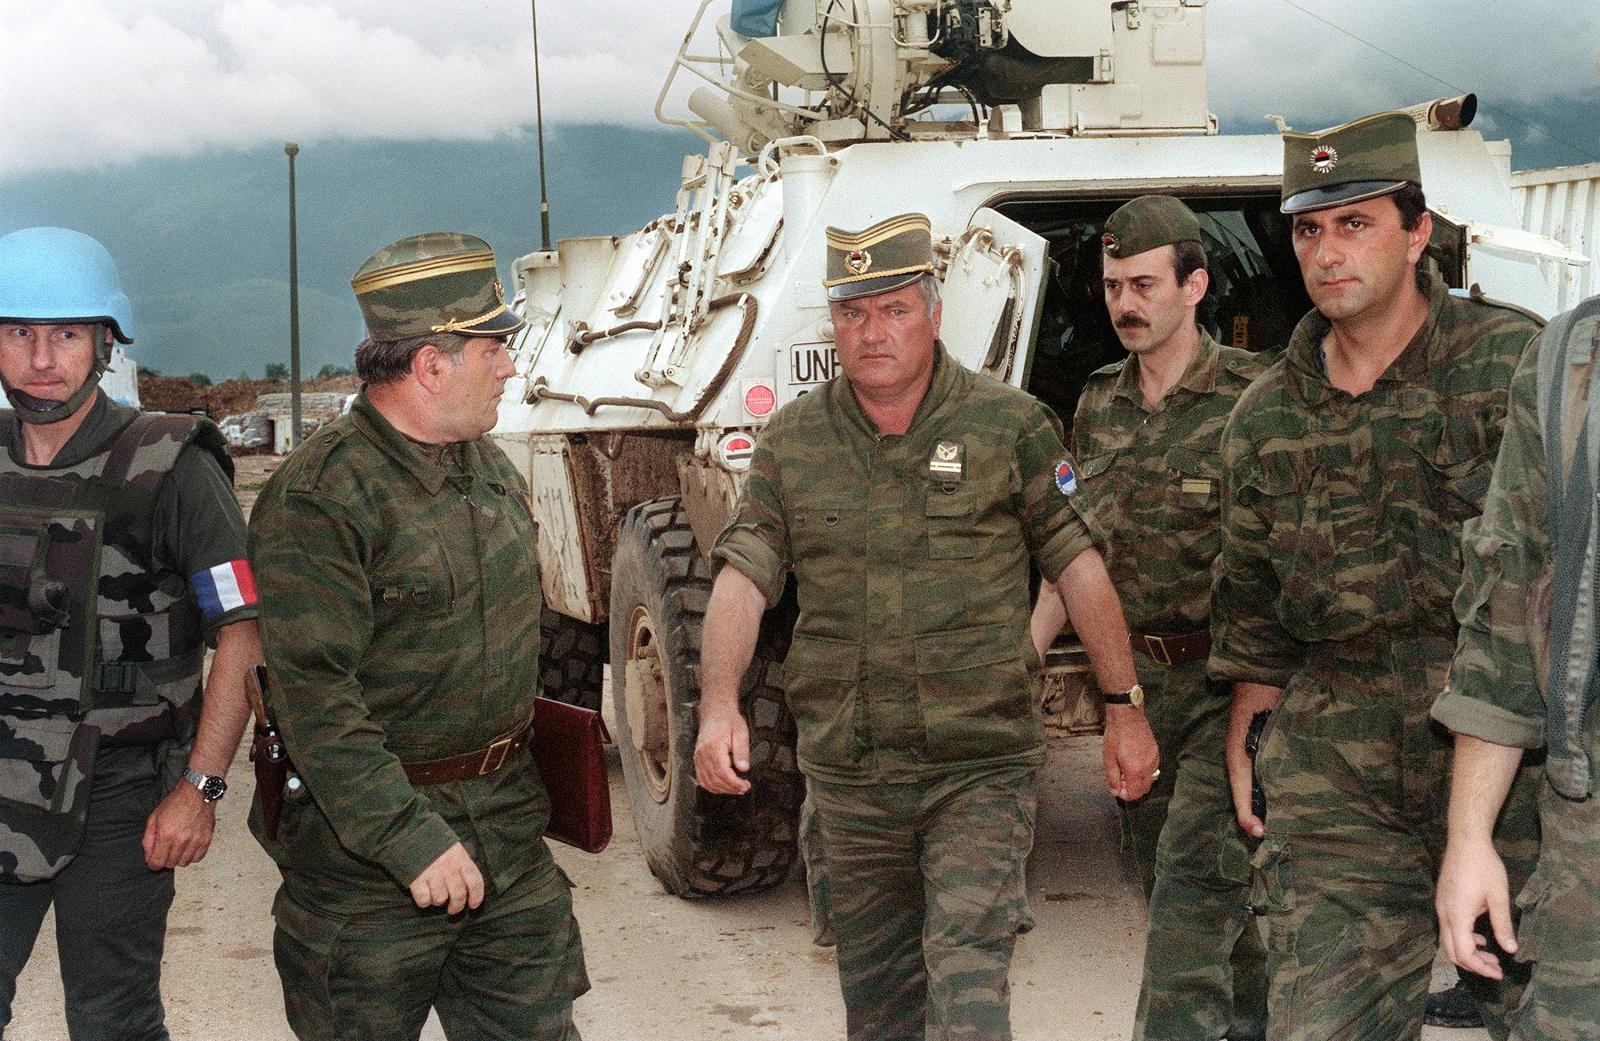 Életfogytiglant kapott Ratko Mladic, Európa modern történetének legvéreskezűbb tömeggyilkosa